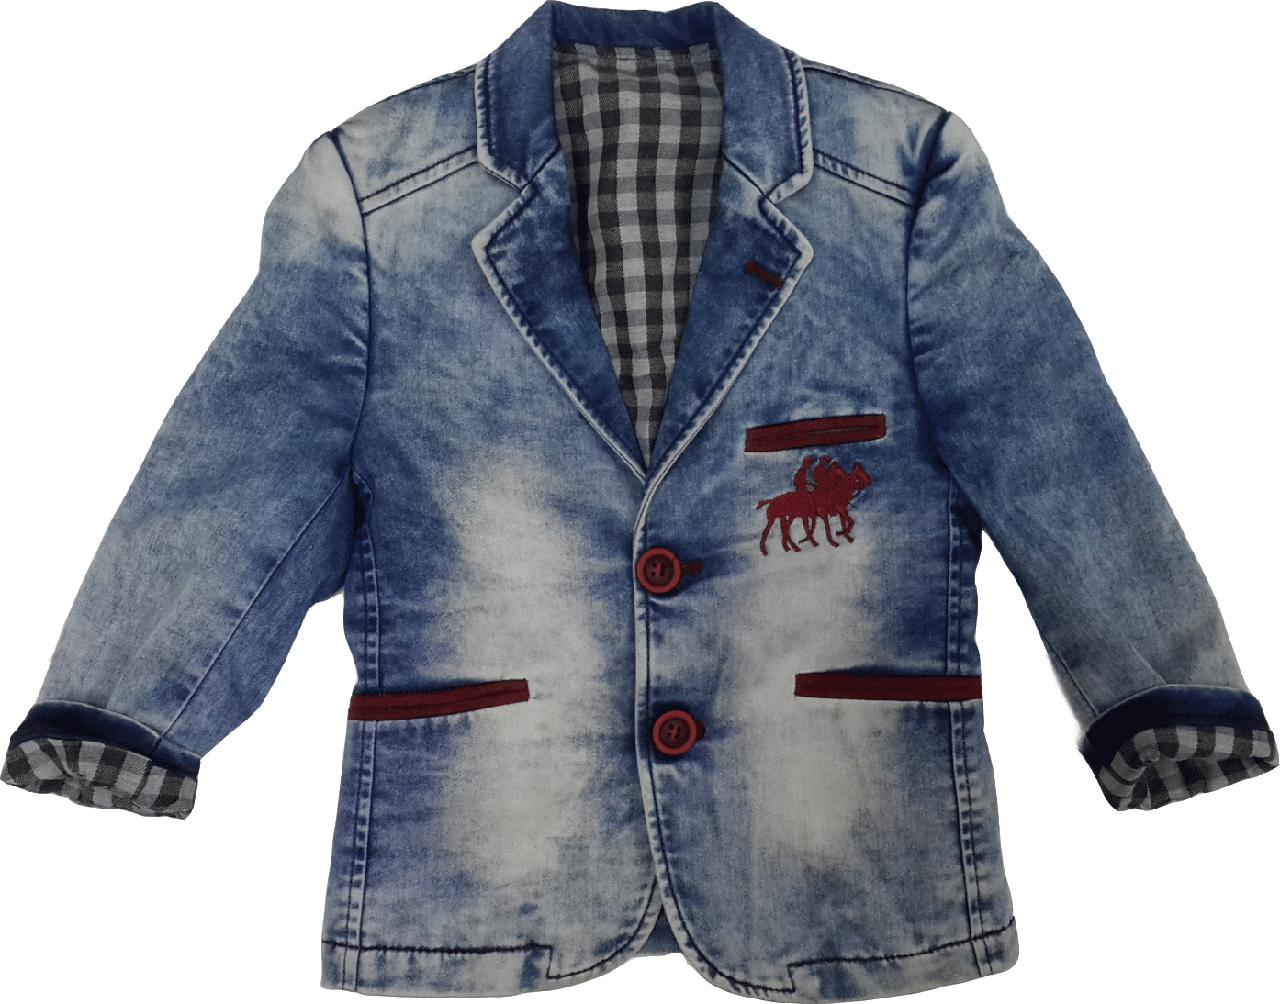 Джинсовый пиджак для мальчика ТМ BULUS размер 94-104 - Рожевий Слон - детская одежда от 0 до 15 лет в Киеве